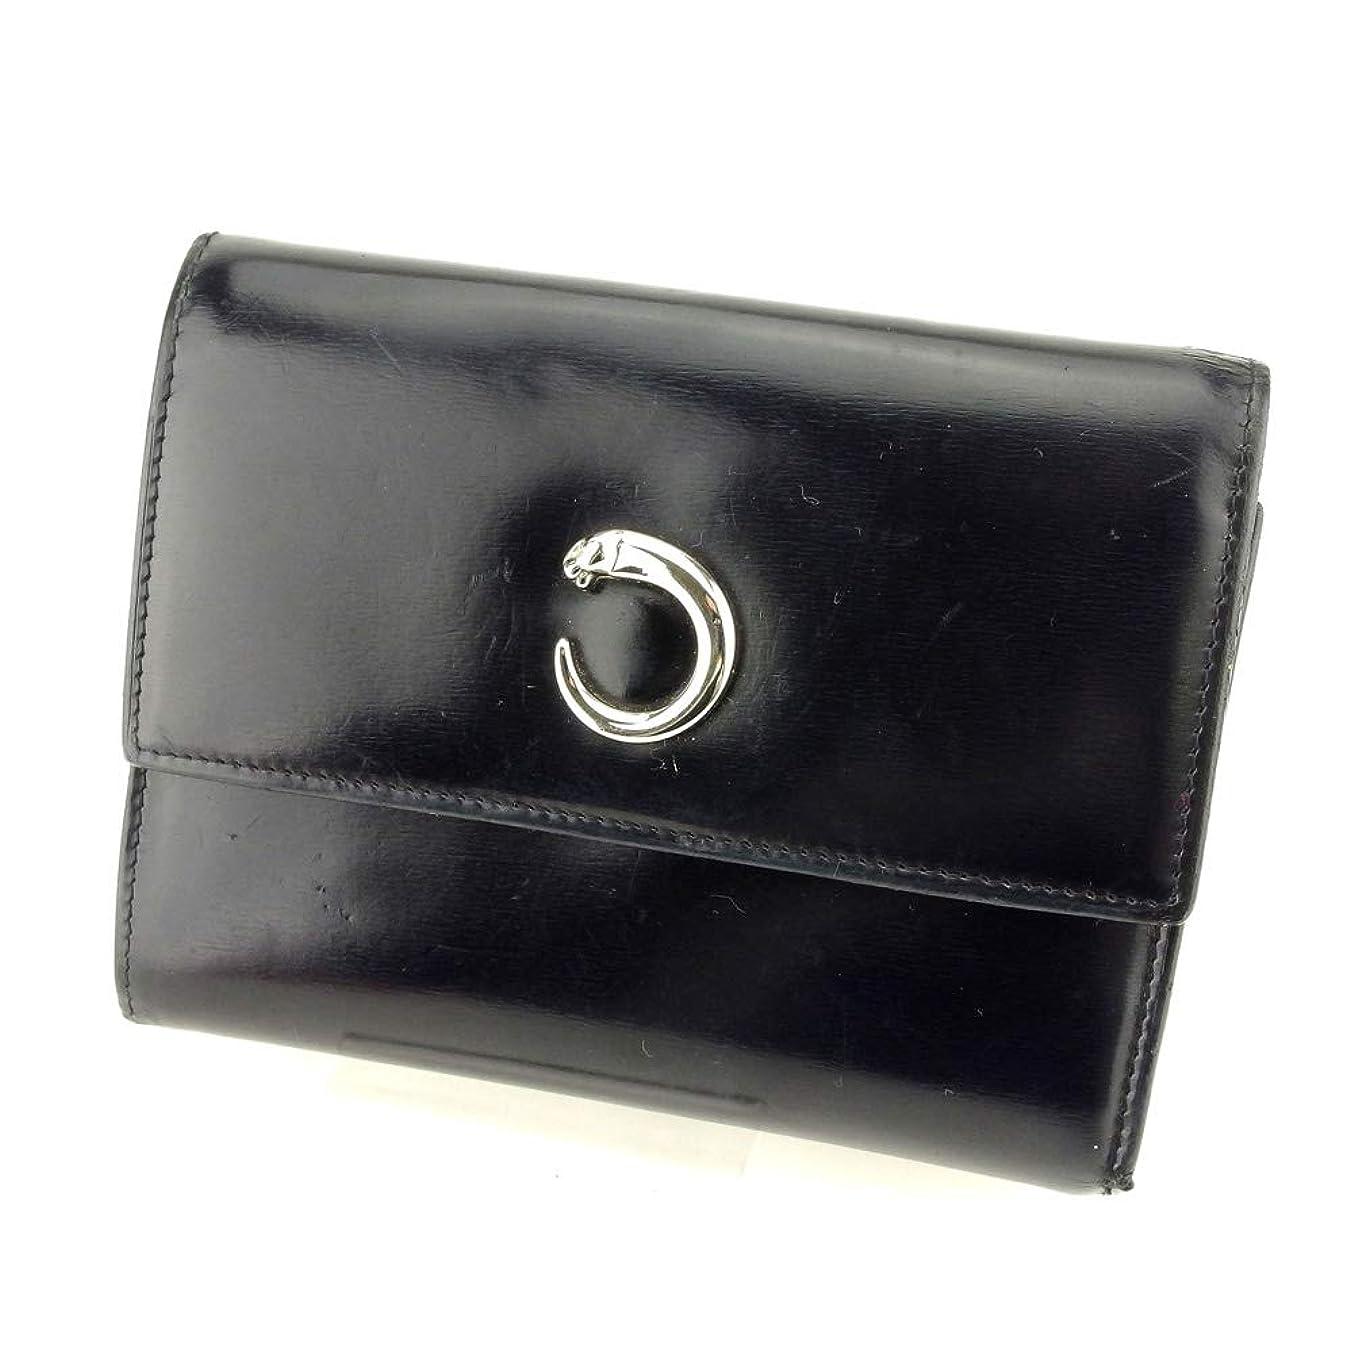 爪惑星修理可能[カルティエ] Cartier 三つ折り 財布 財布 レディース メンズ パンテール 中古 T9404